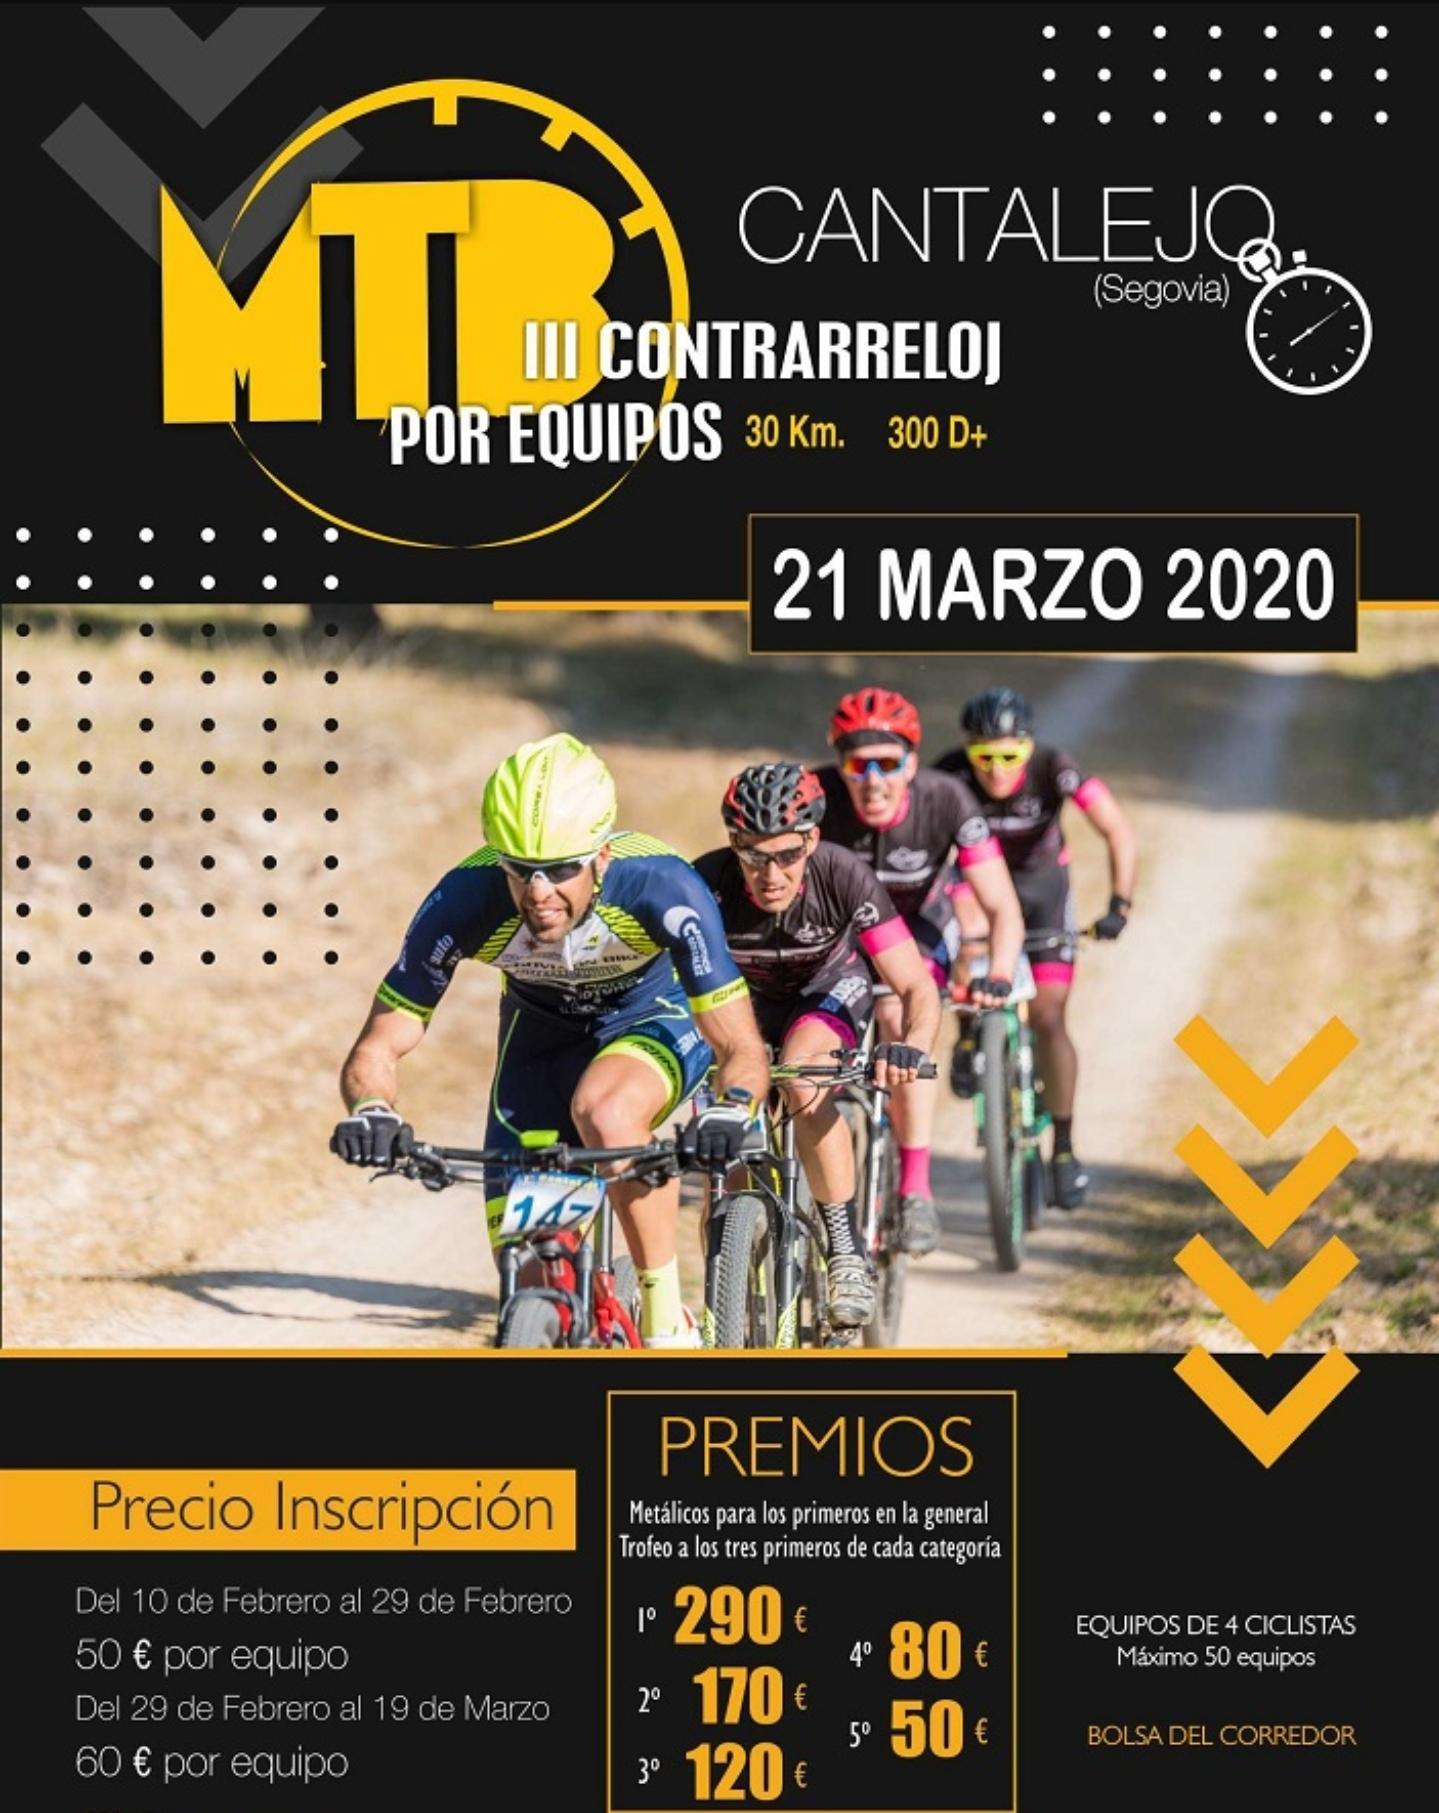 III MTB por equipos. Cantalejo. Segovia